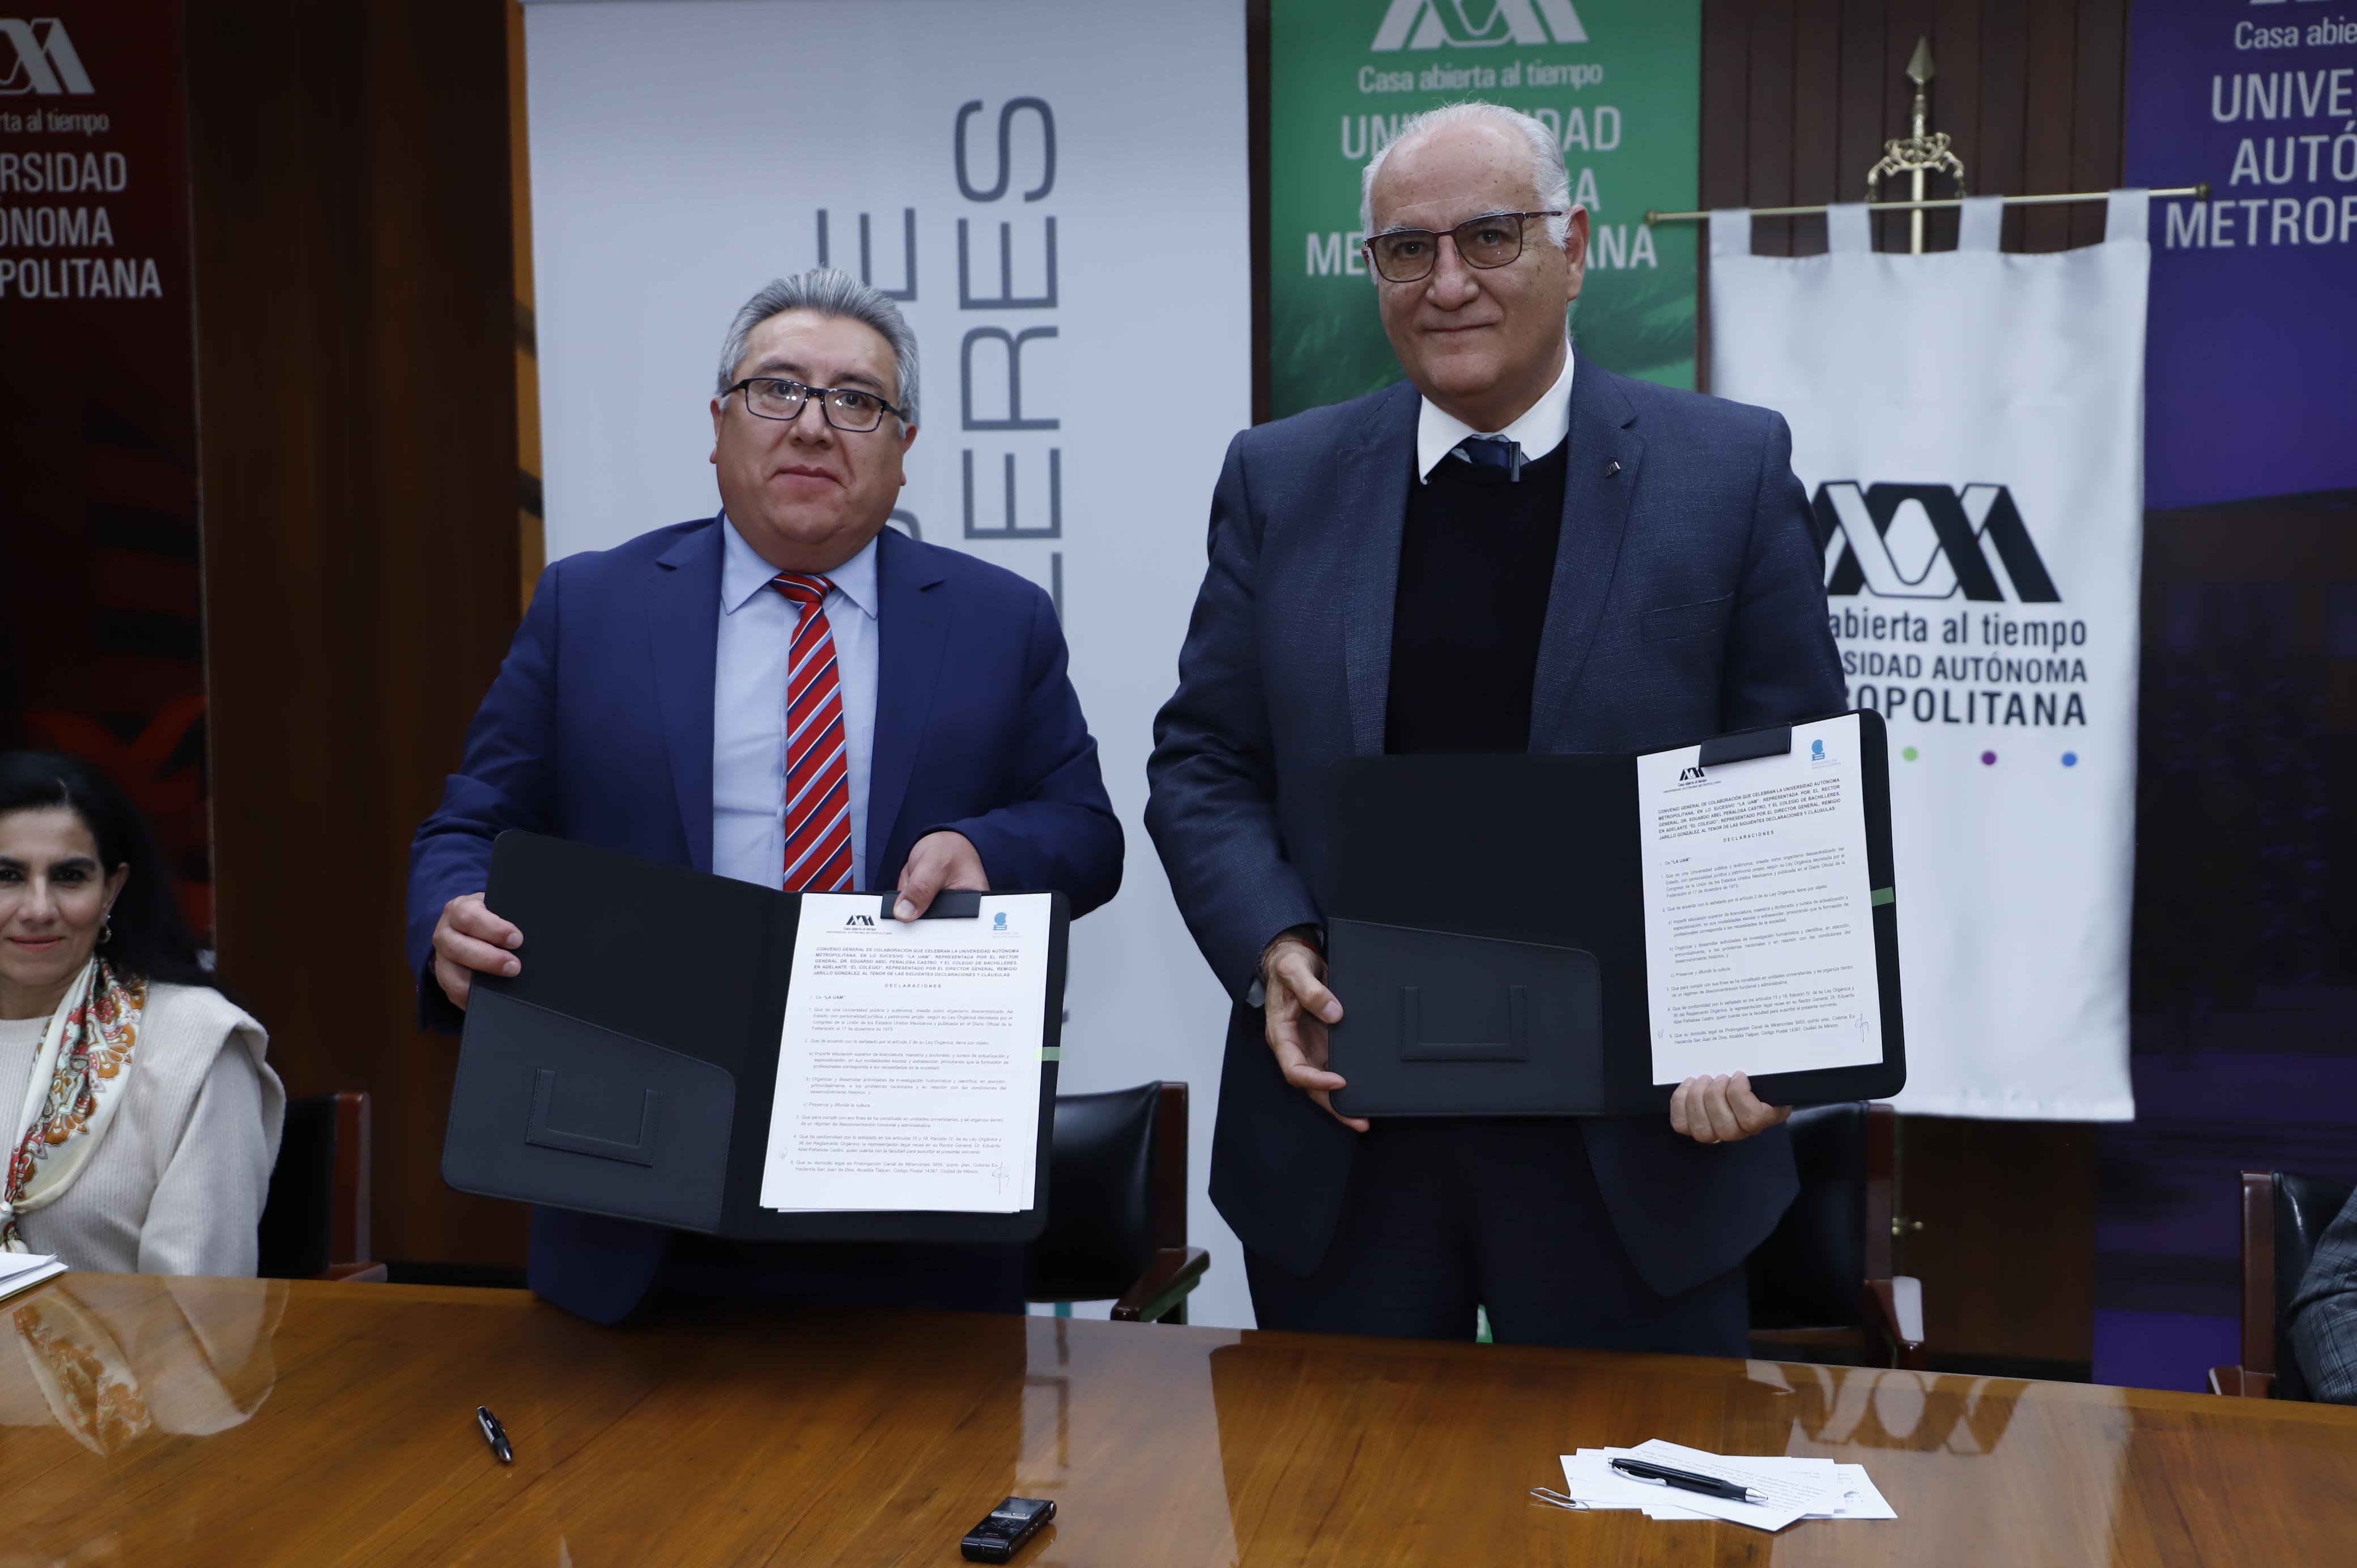 Establecen Colegio de Bachilleres y UAM convenio de colaboración para el desarrollo formativo de los estudiantes